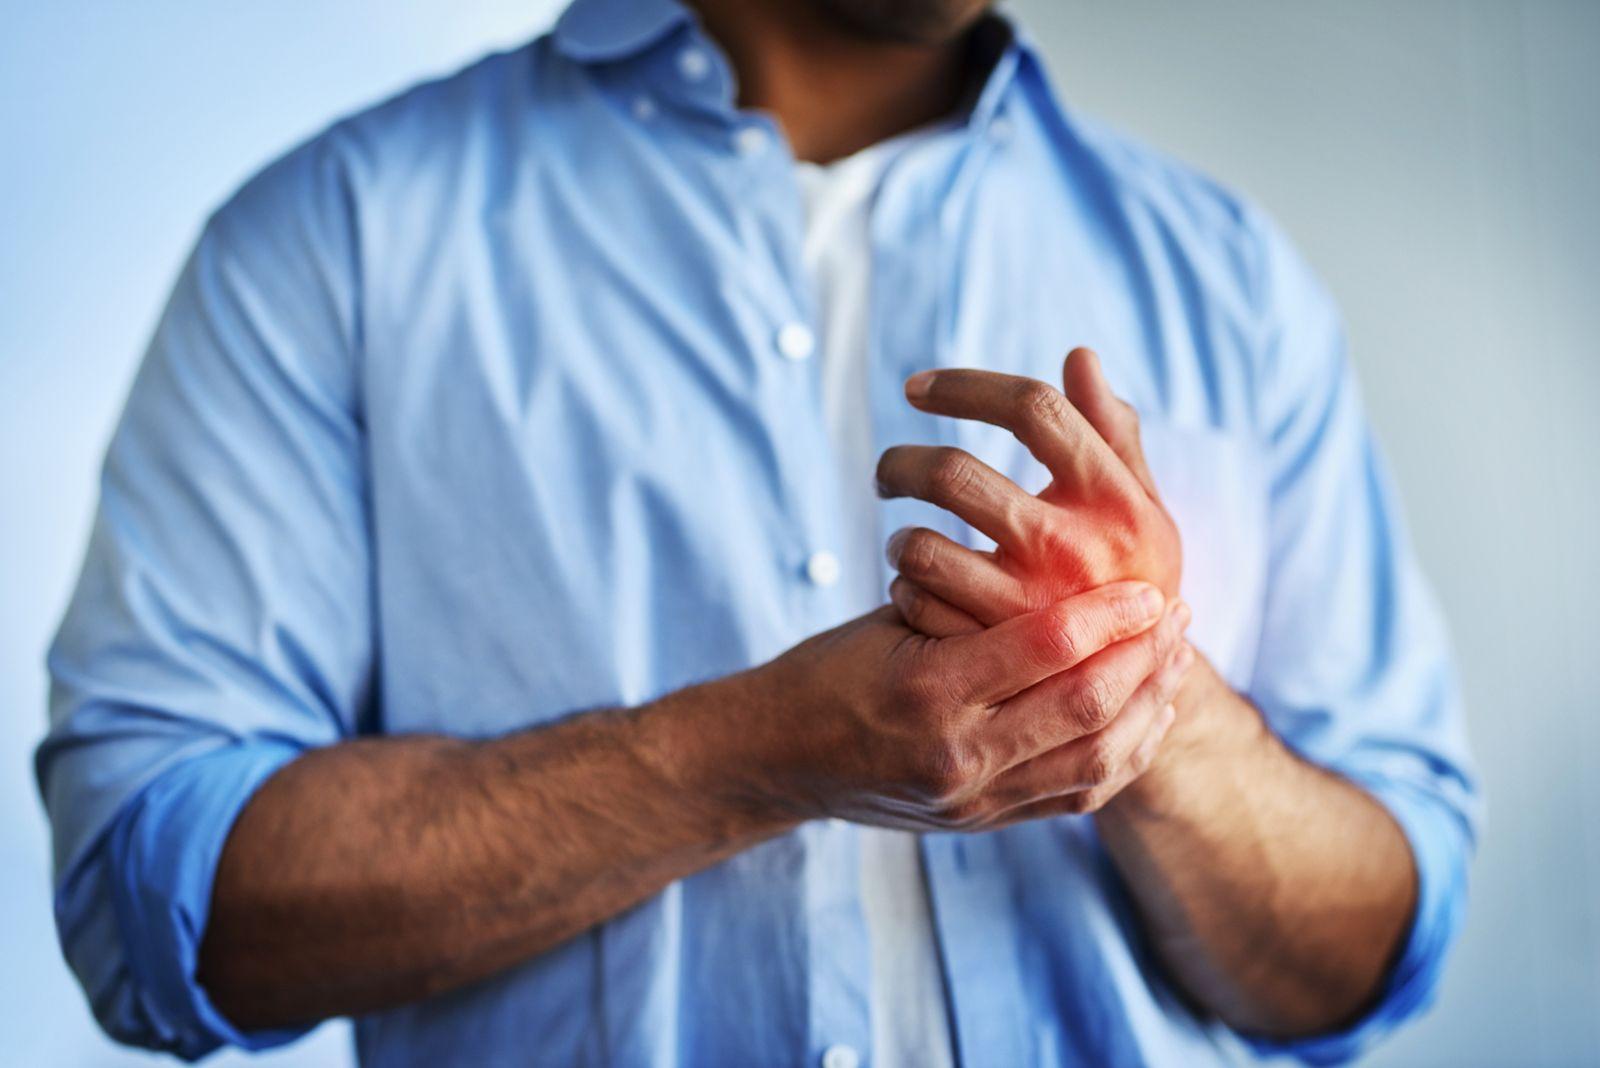 dolor en el antebrazo por levantar pesas